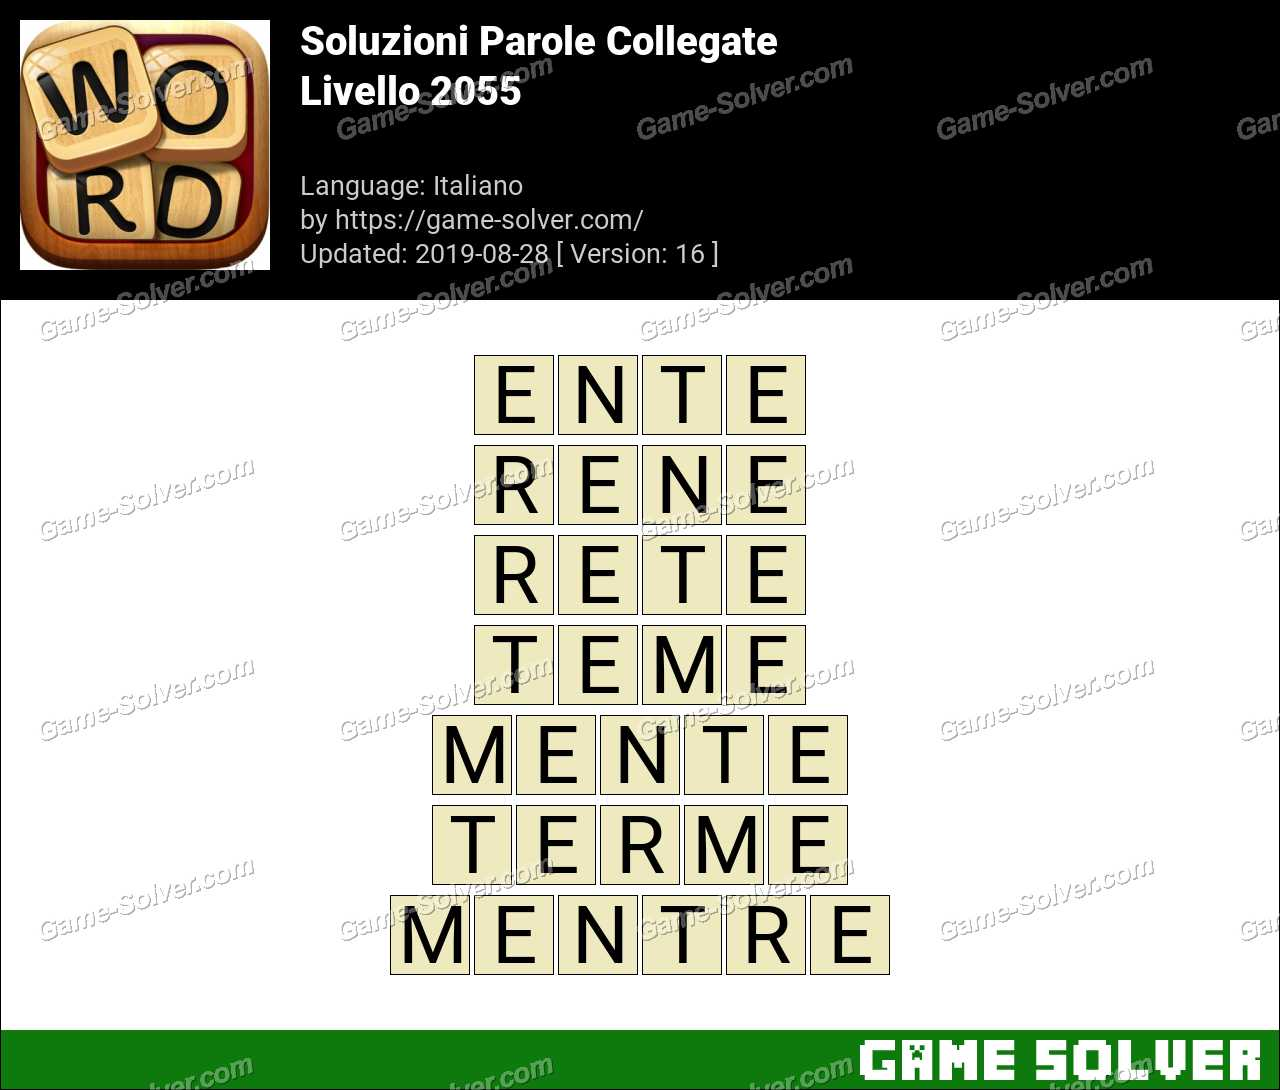 Soluzioni Parole Collegate Livello 2055